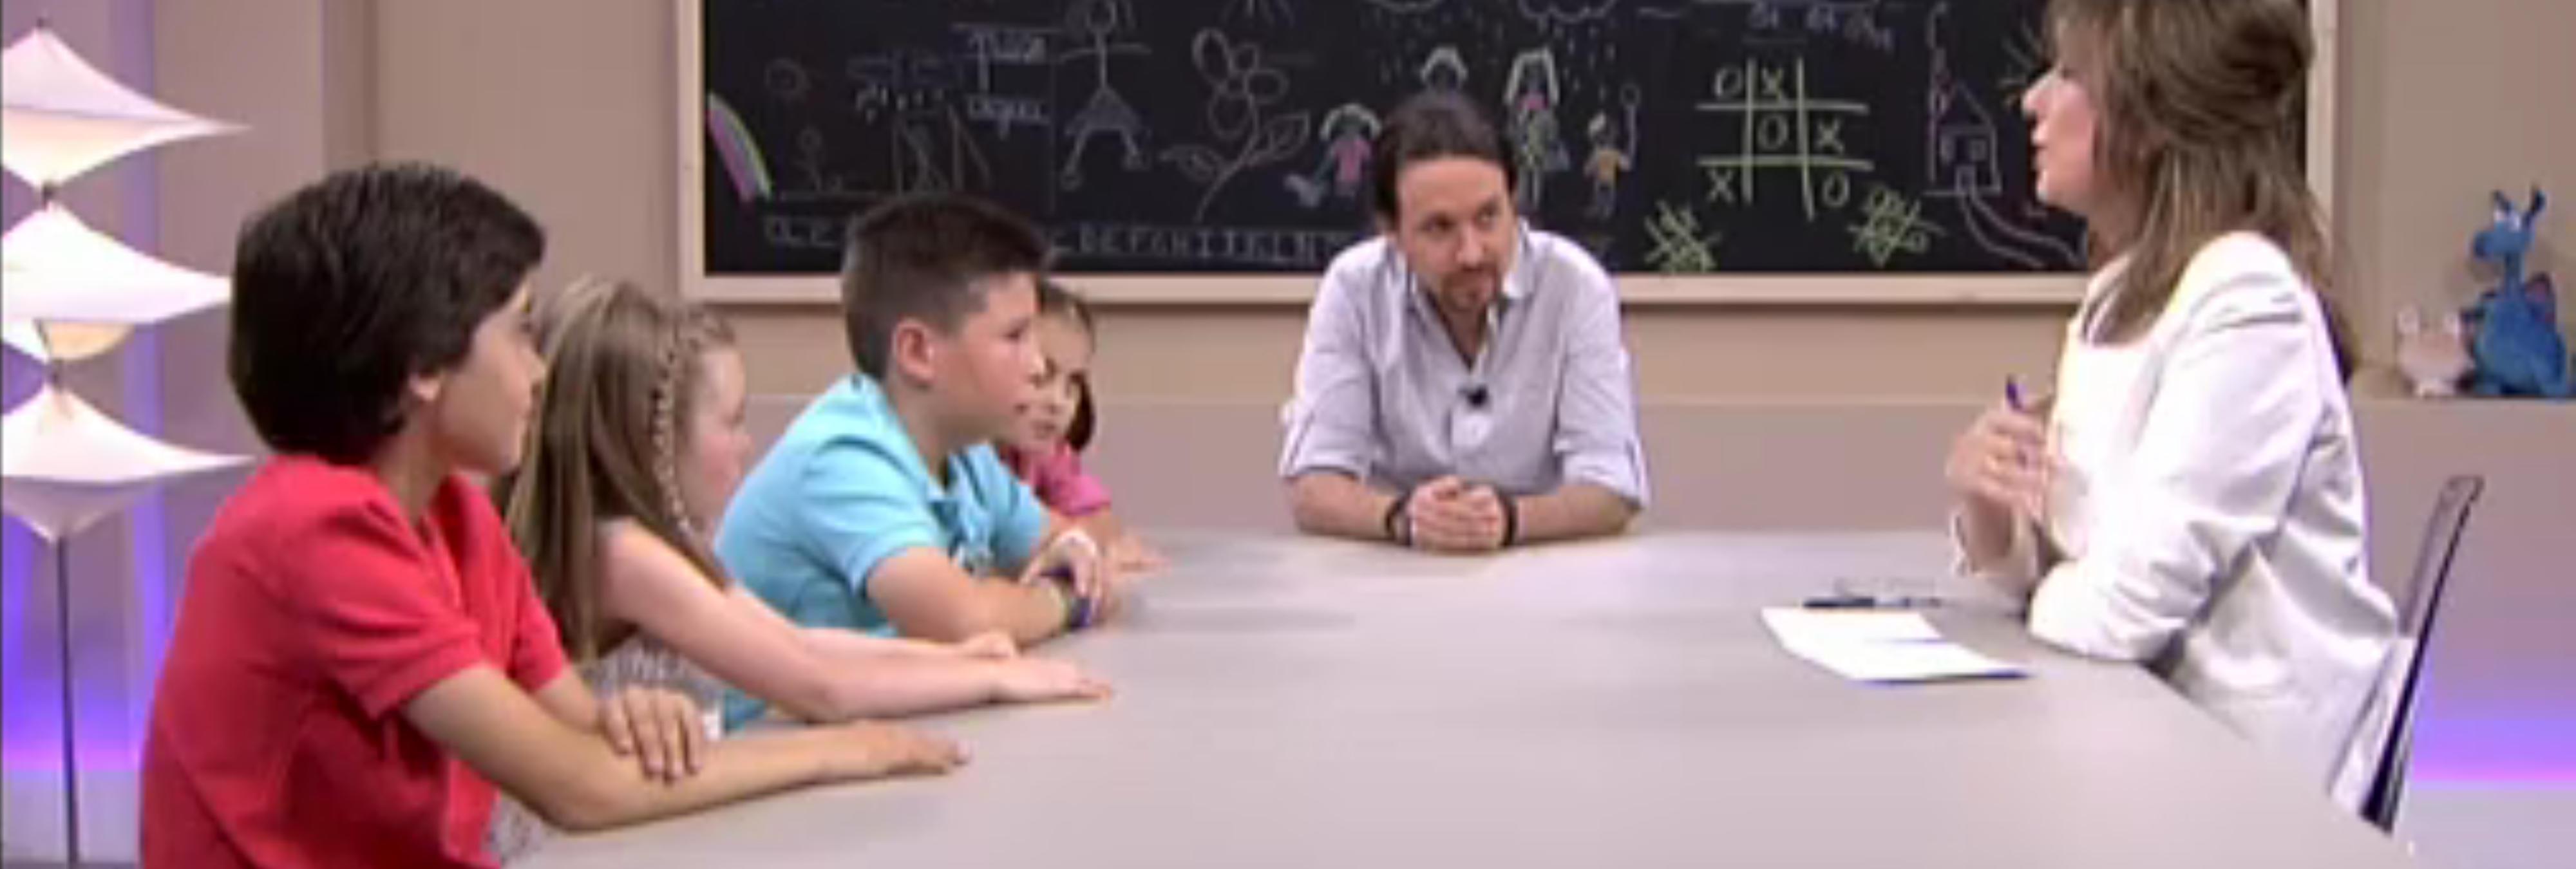 Hay un programa en el que niños entrevistan al futuro presidente de España que nos ha dejado con el culo muy torcido